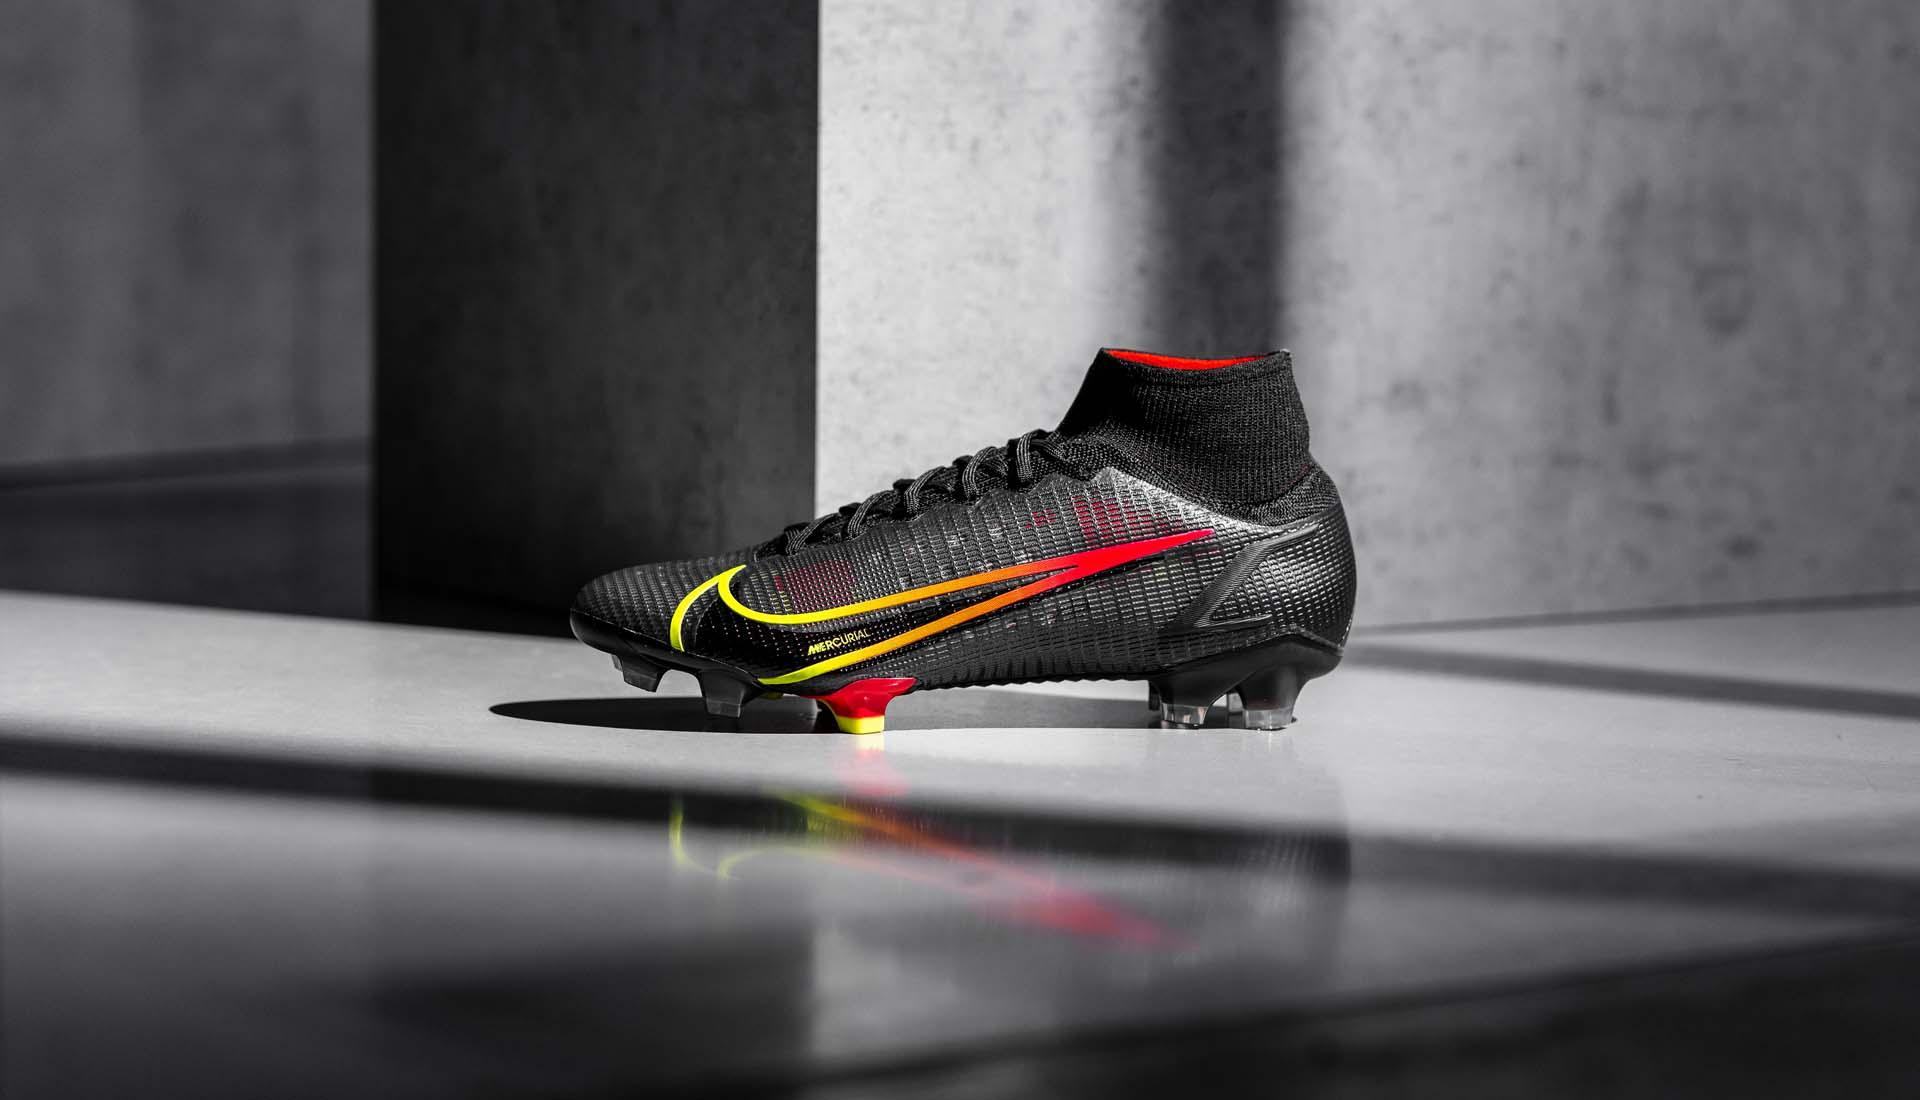 Giày đá bóng Nike Mercurial Superfly 8 Black & Prism 2021